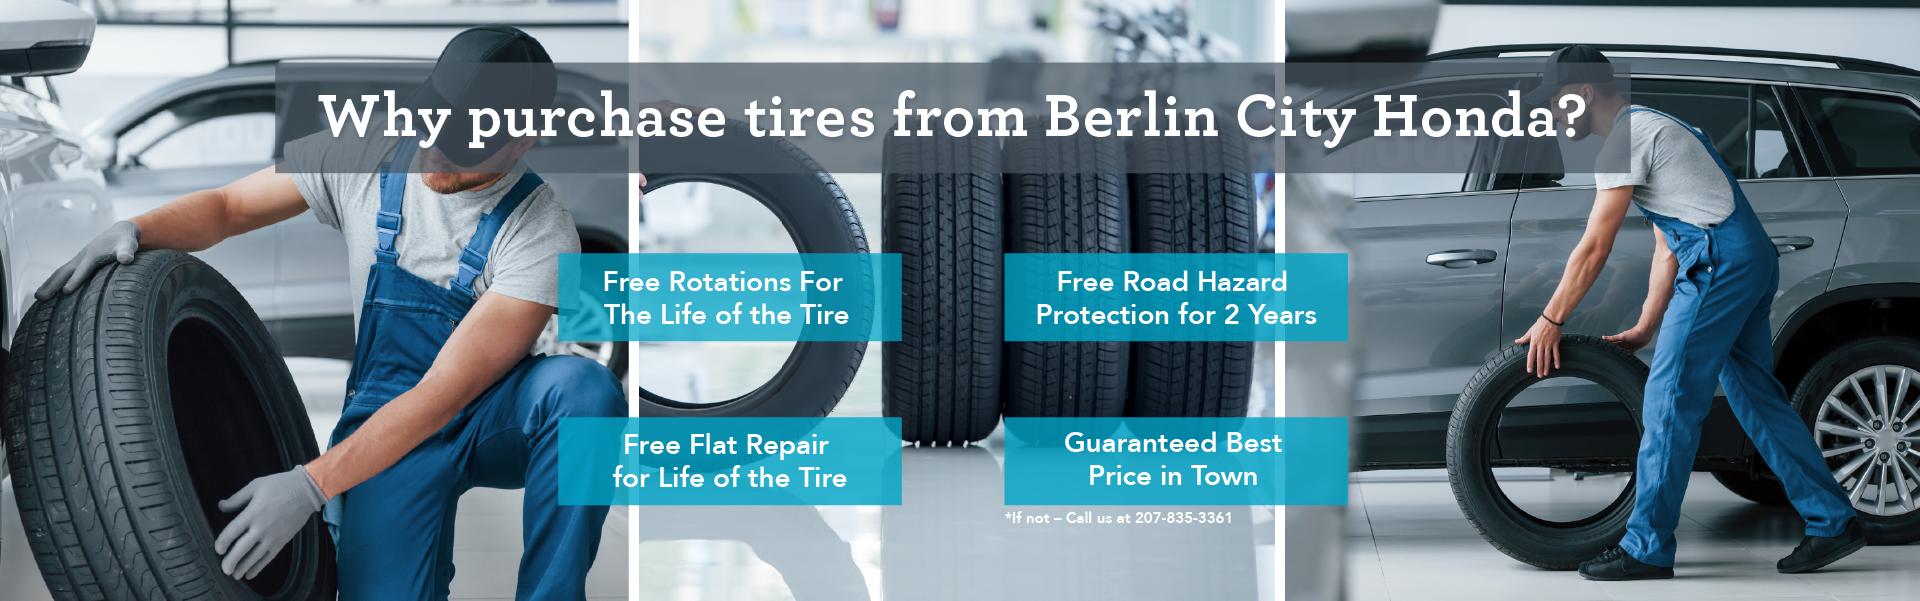 Berlin City Honda Tire store